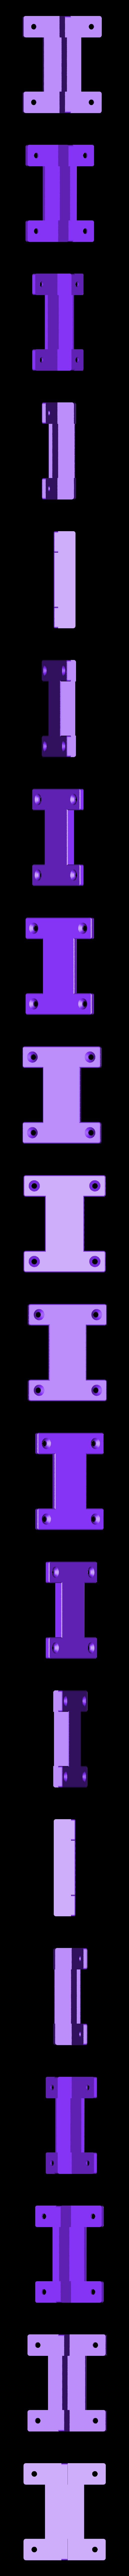 Connector_Cross_v2.stl Download free STL file LACK Shelving System • Model to 3D print, HeyVye